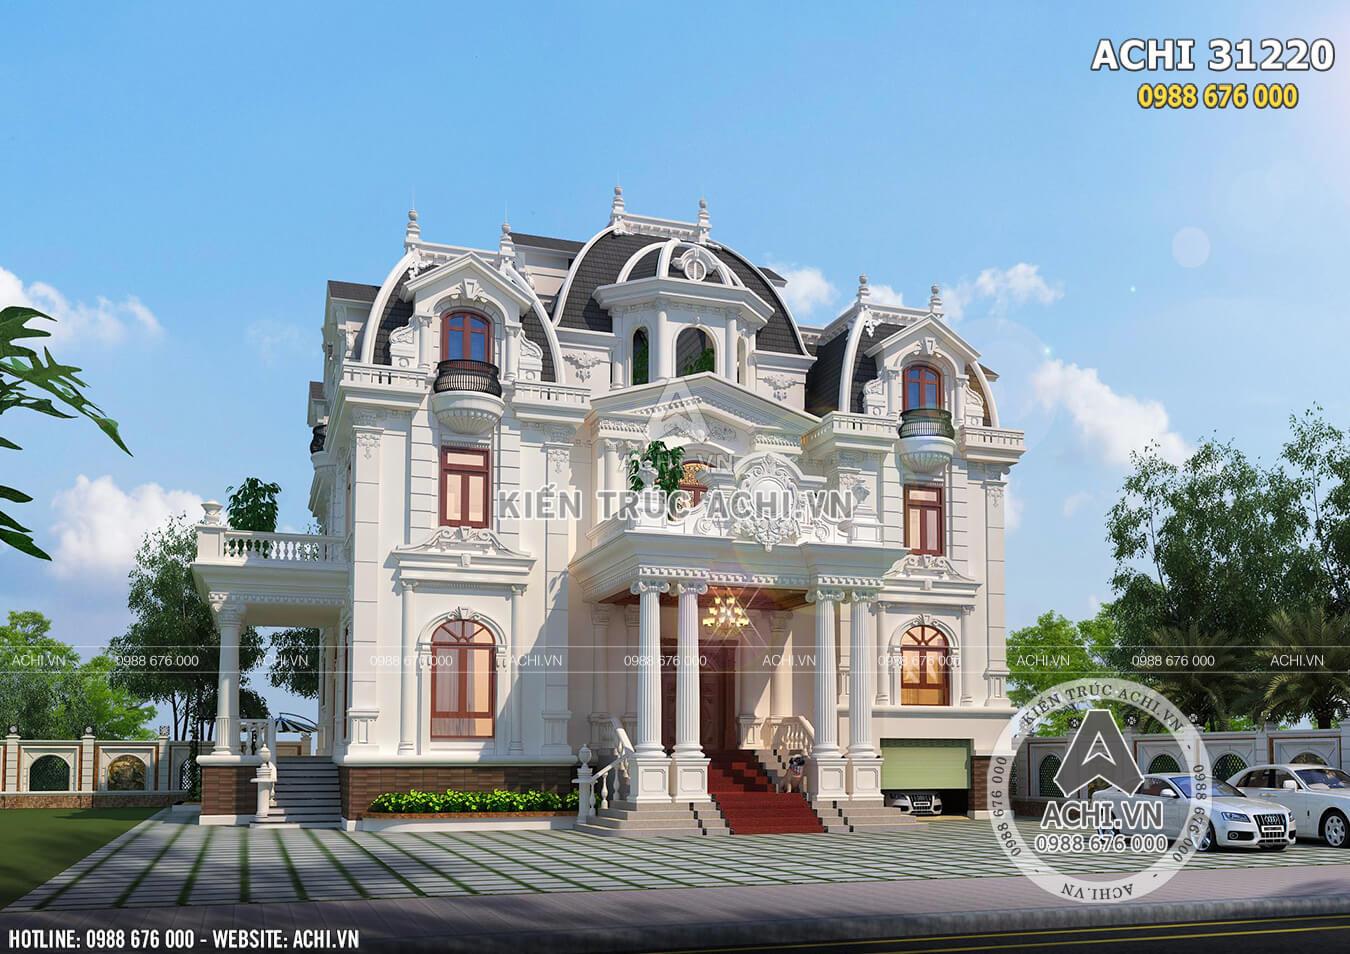 Một góc view mẫu thiết kế 3 tầng kiến trúc Pháp đẹp